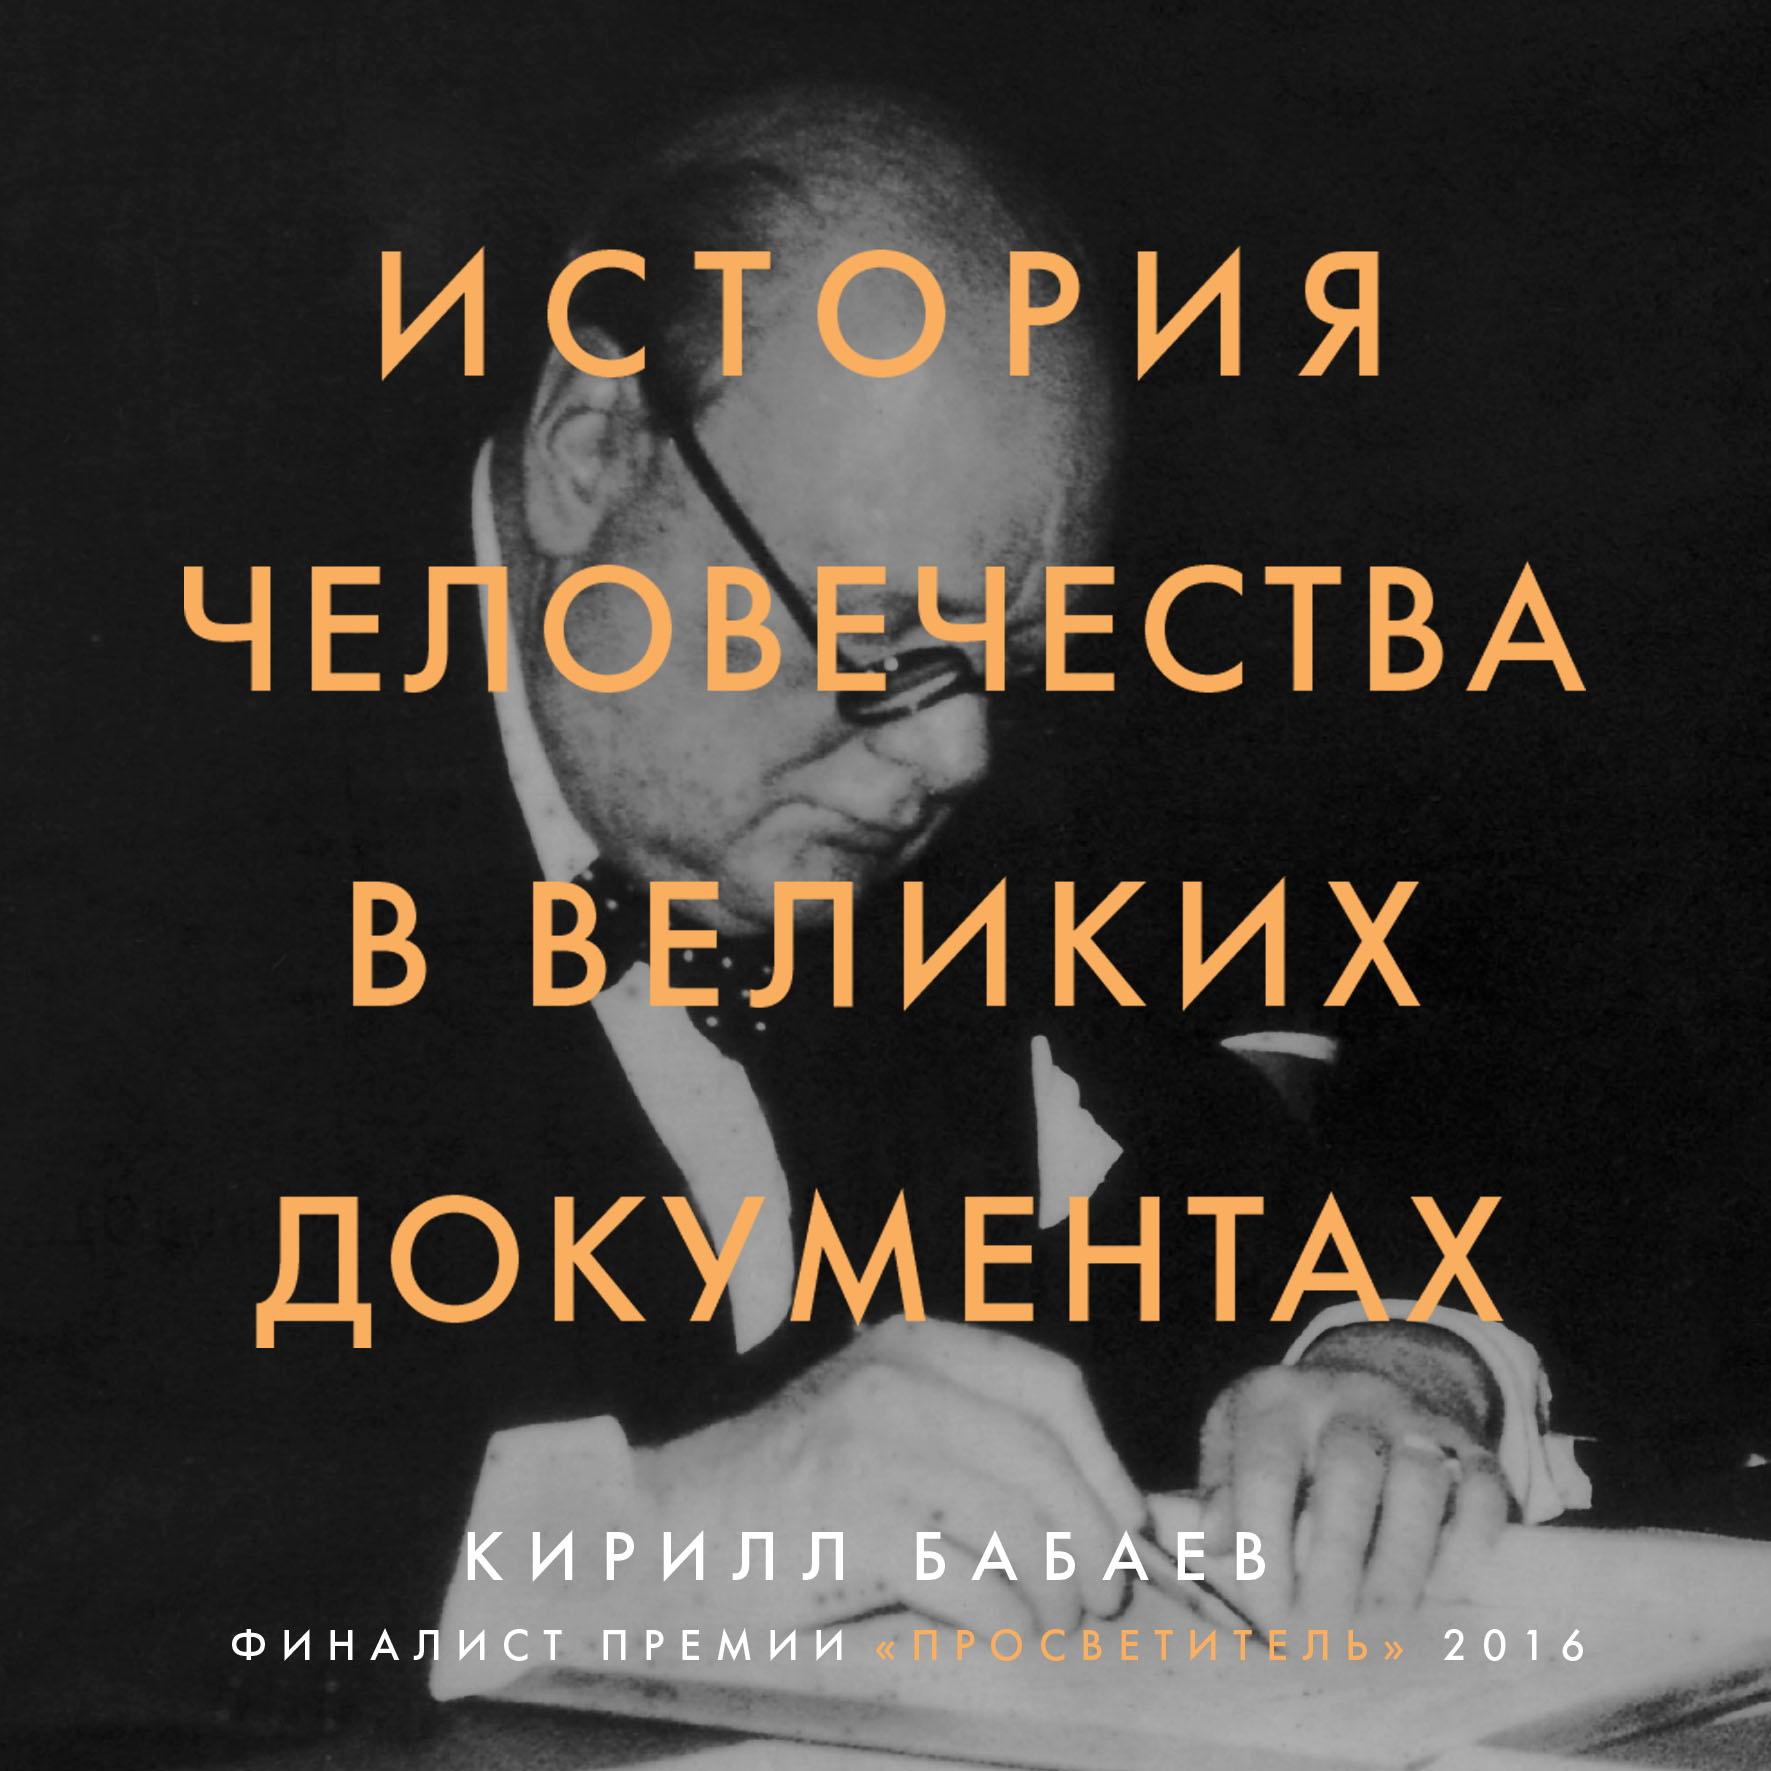 К. В. Бабаев История человечества в великих документах руни энн история биологии от науки эпохи античности